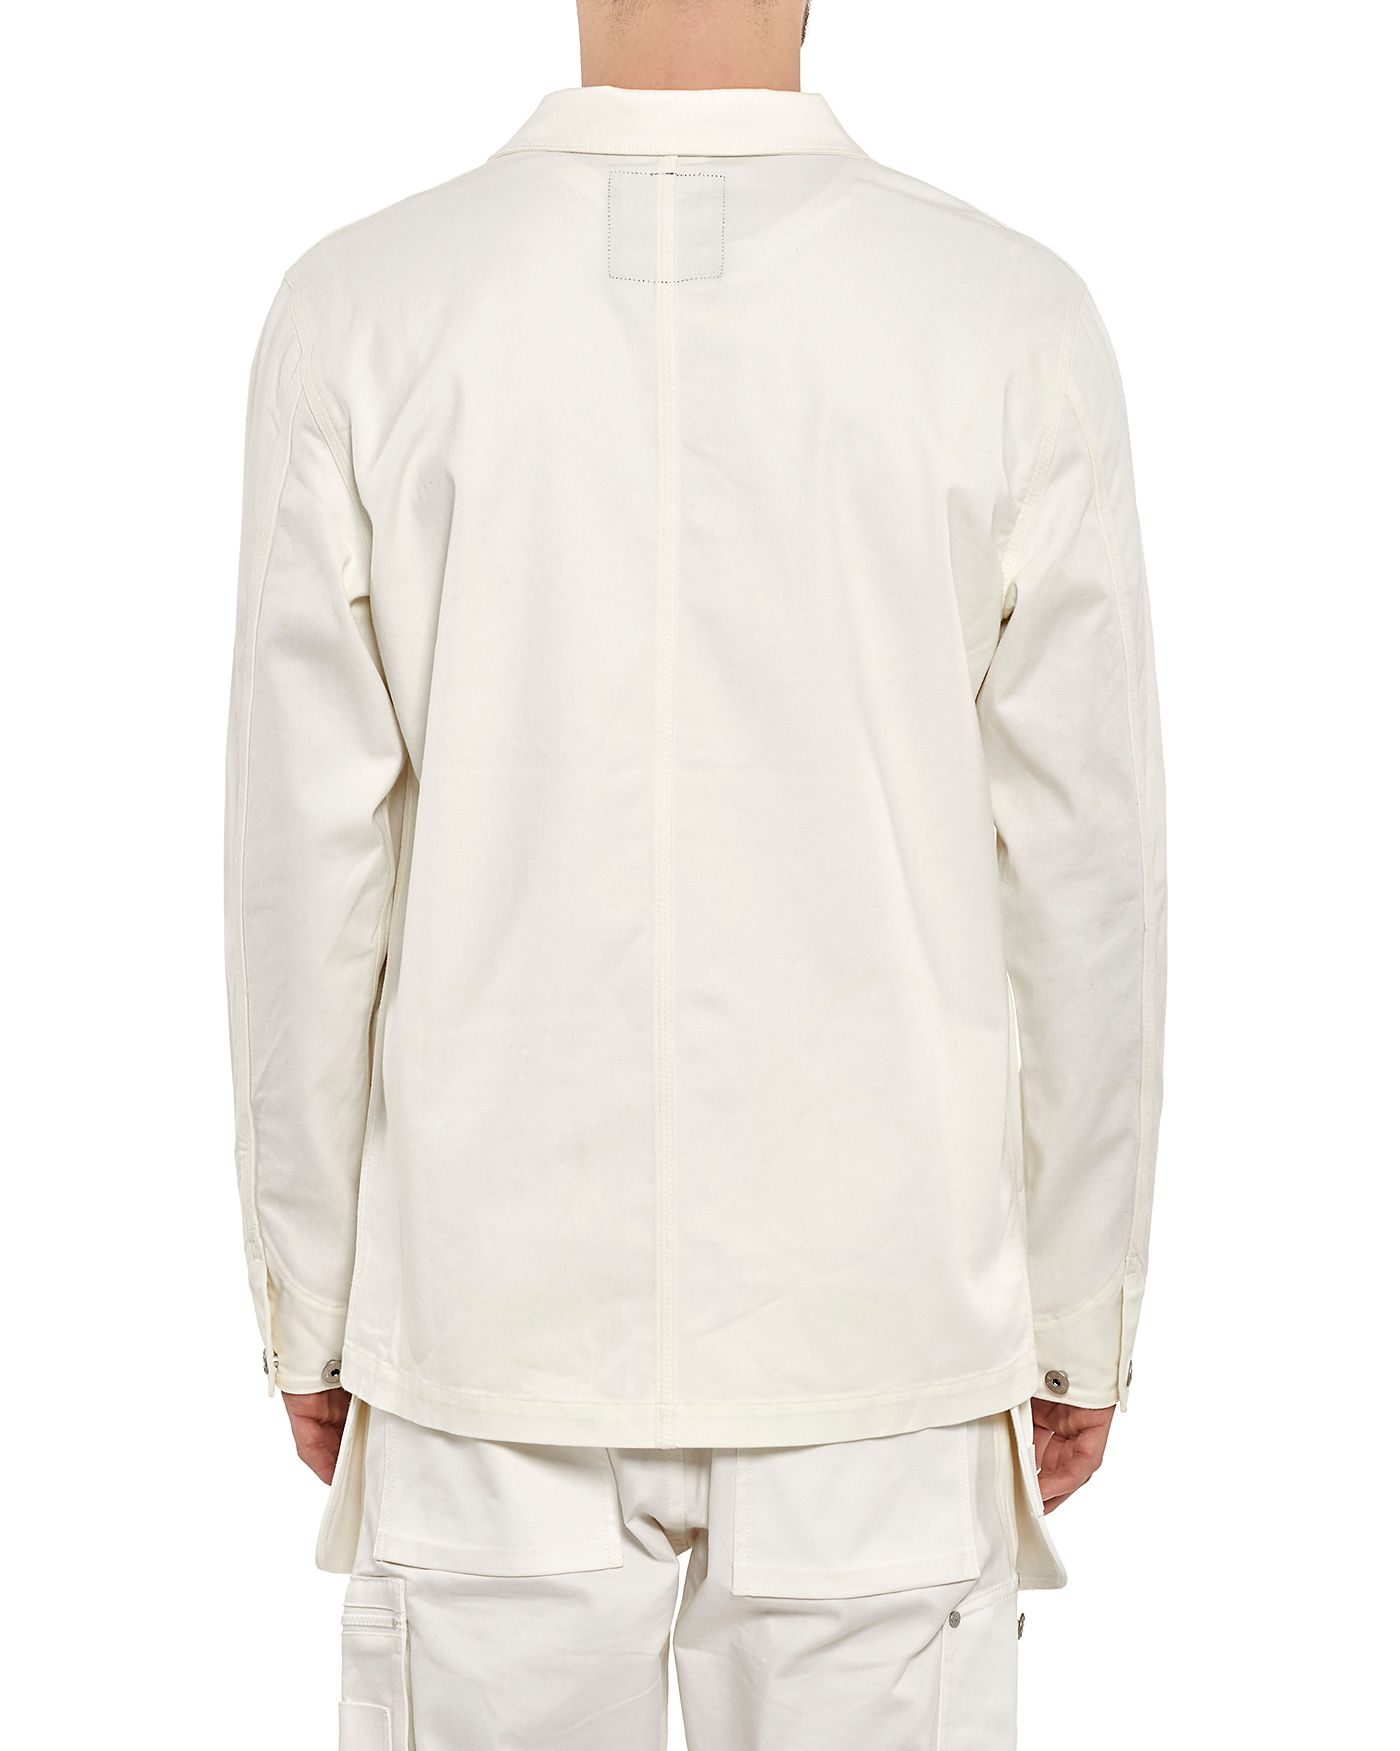 Photo of Alcro Painter Jacket Painter Jacket, White